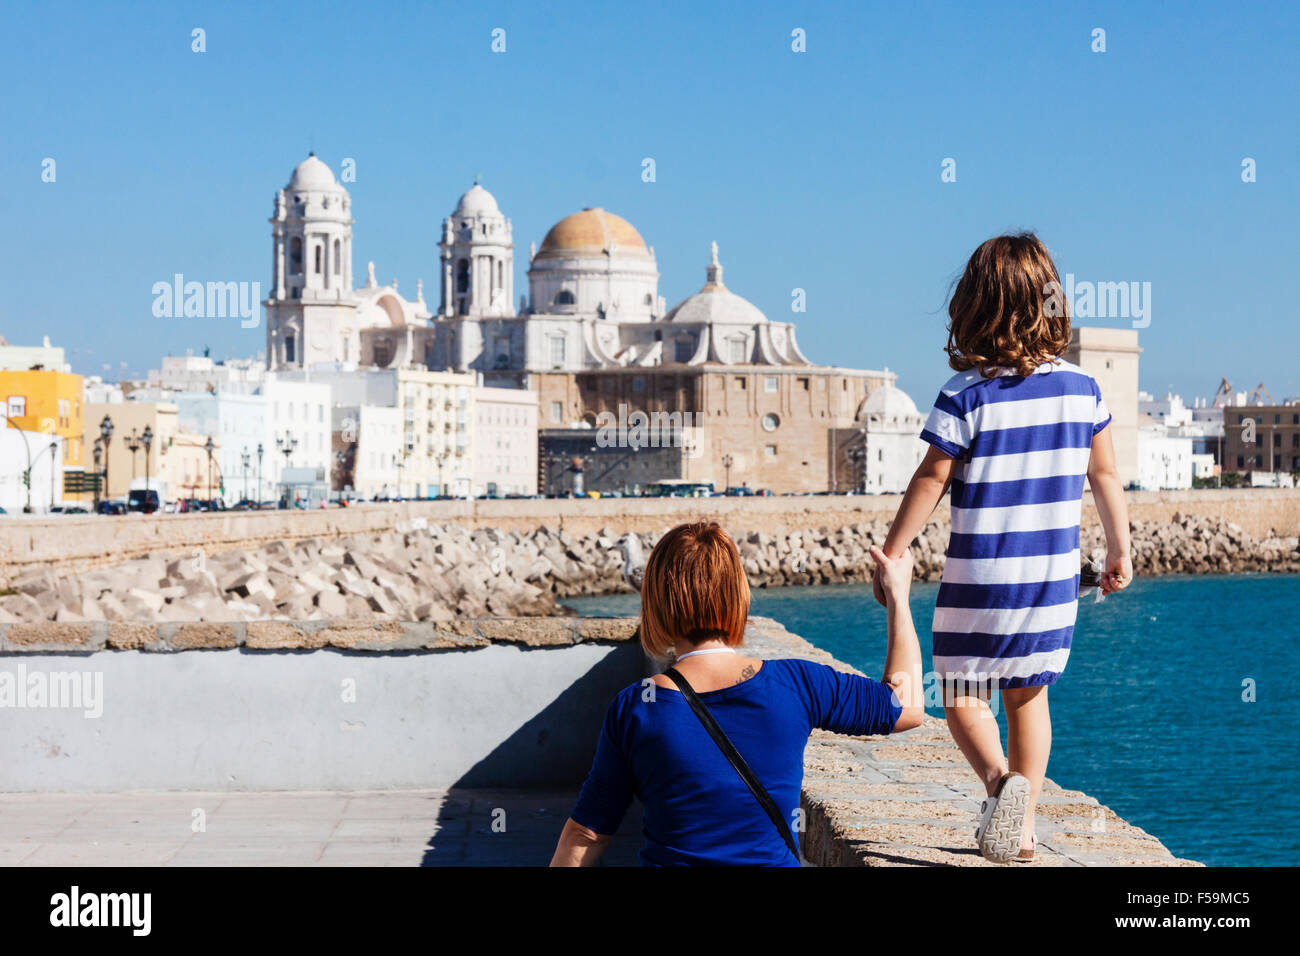 Les touristes mère et fille avec t shirt à rayures bleu sur la promenade avec la Cathédrale de Cadix, Andalousie, Espagne Banque D'Images